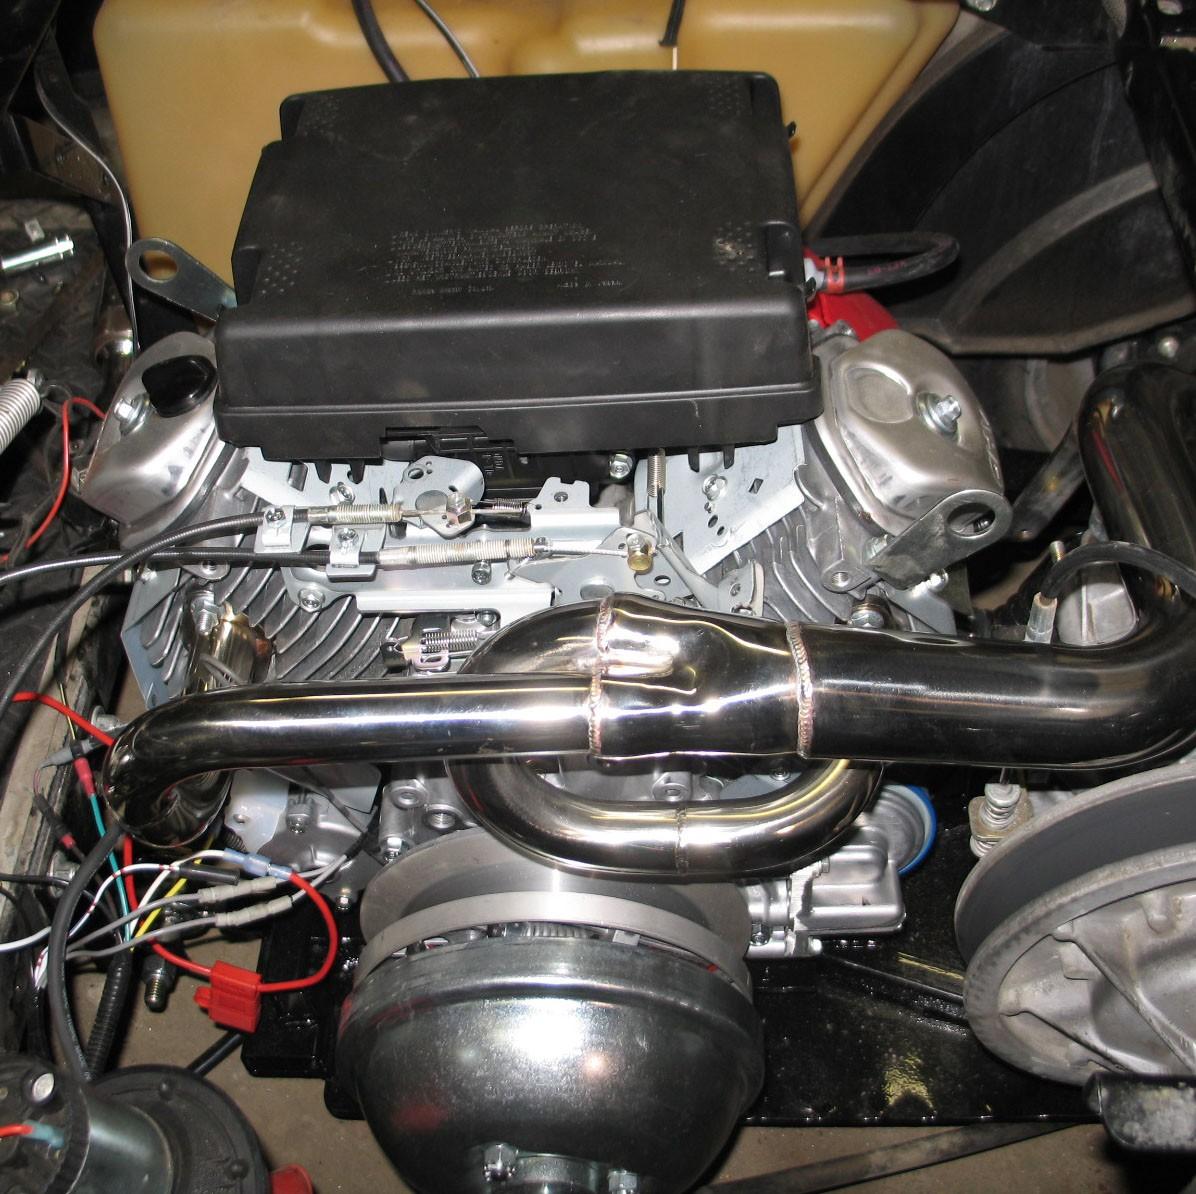 Ezgo Fuel Pump Diagram Wiring Schematics 1991 Electric Club Car Schematic Image Isuzu